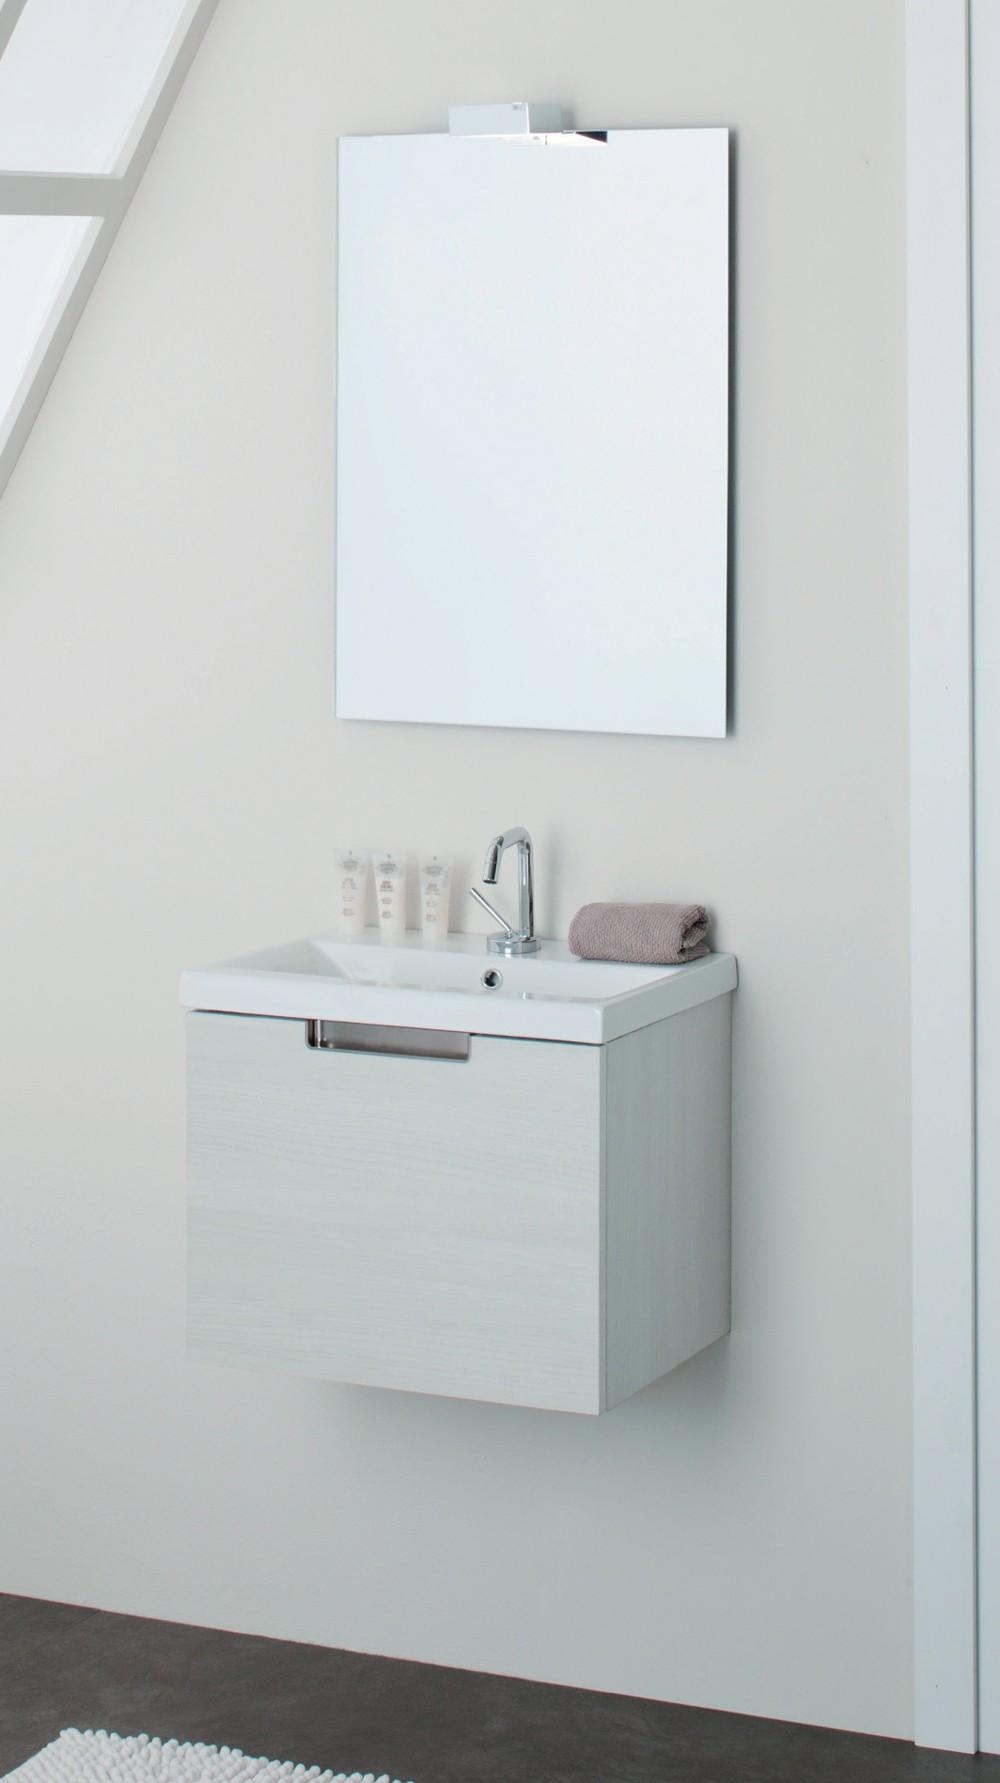 Mueble de baño 1 cajon Evora